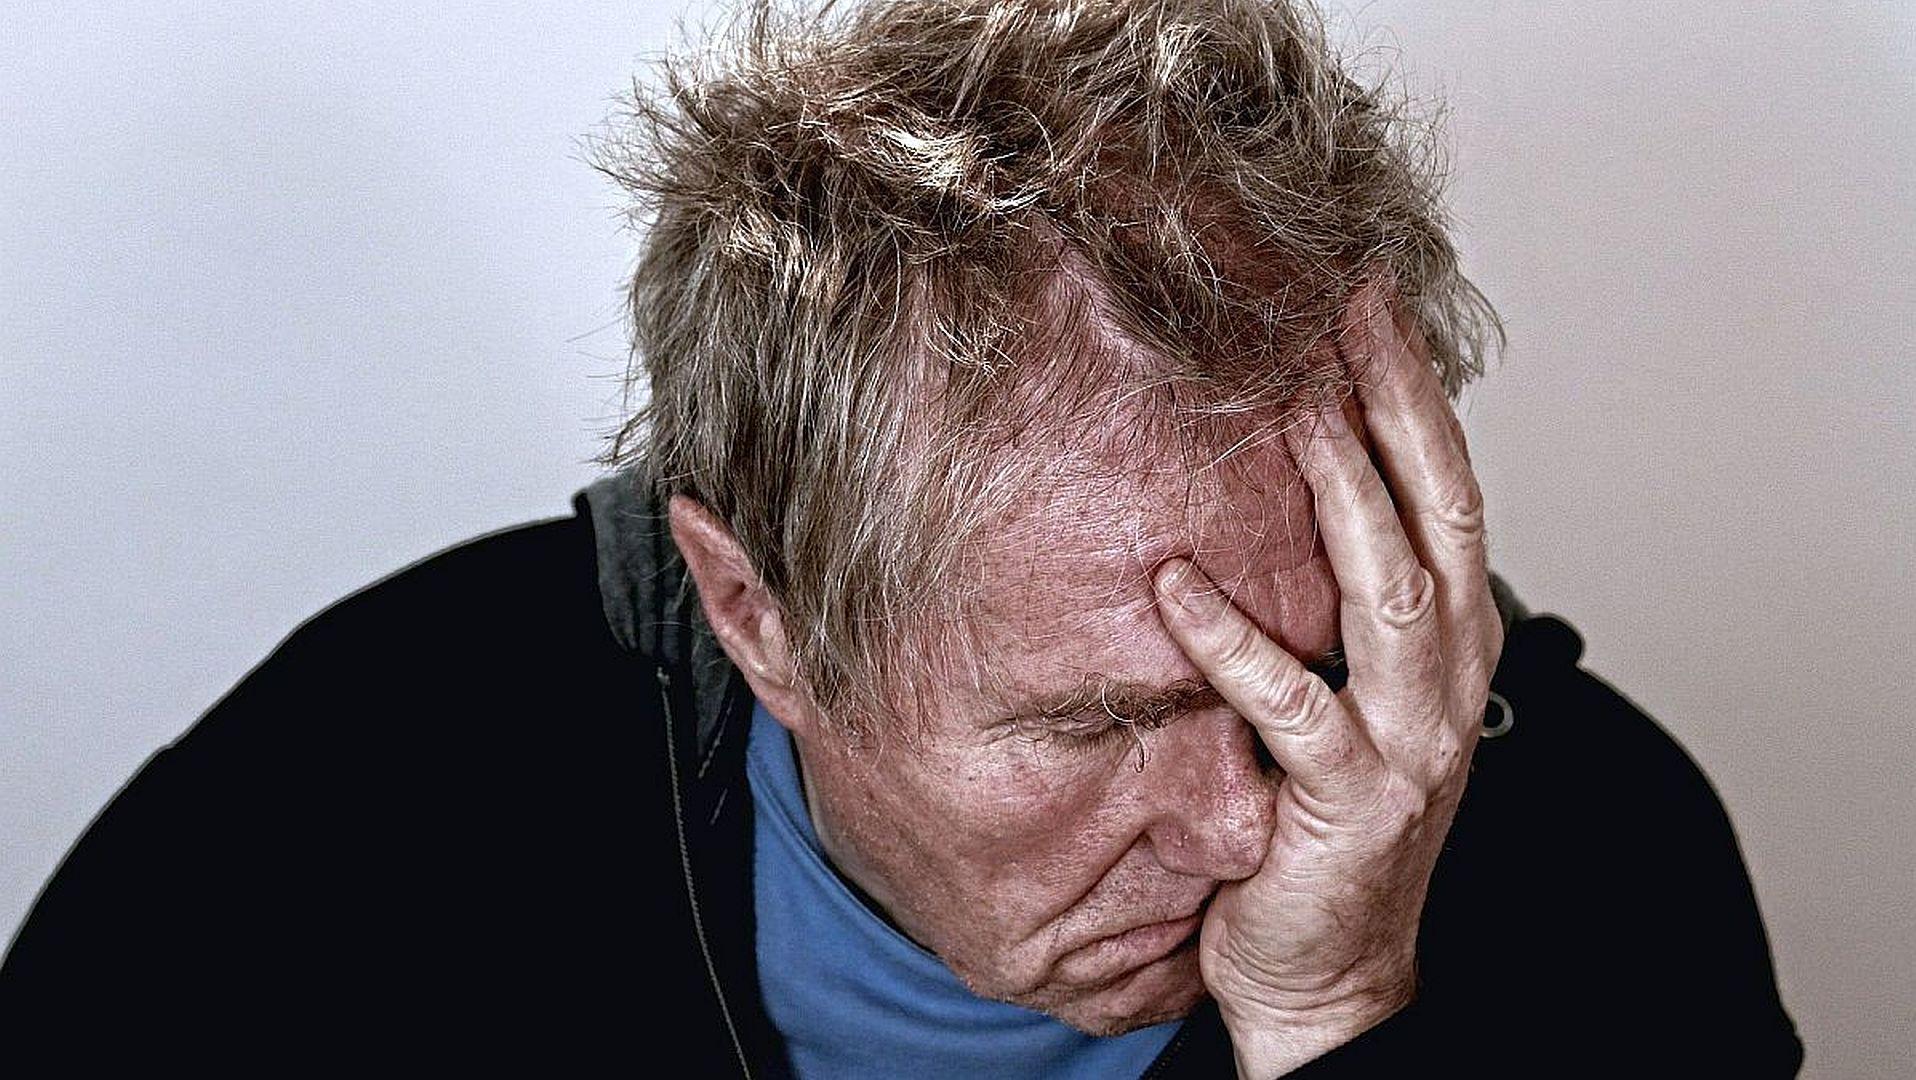 De gemiddelde levensverwachting van een patiënt met ernstige psychische aandoeningen (EPA's) is dertien tot dertig jaar korter dan die van mensen zonder deze aandoeningen.